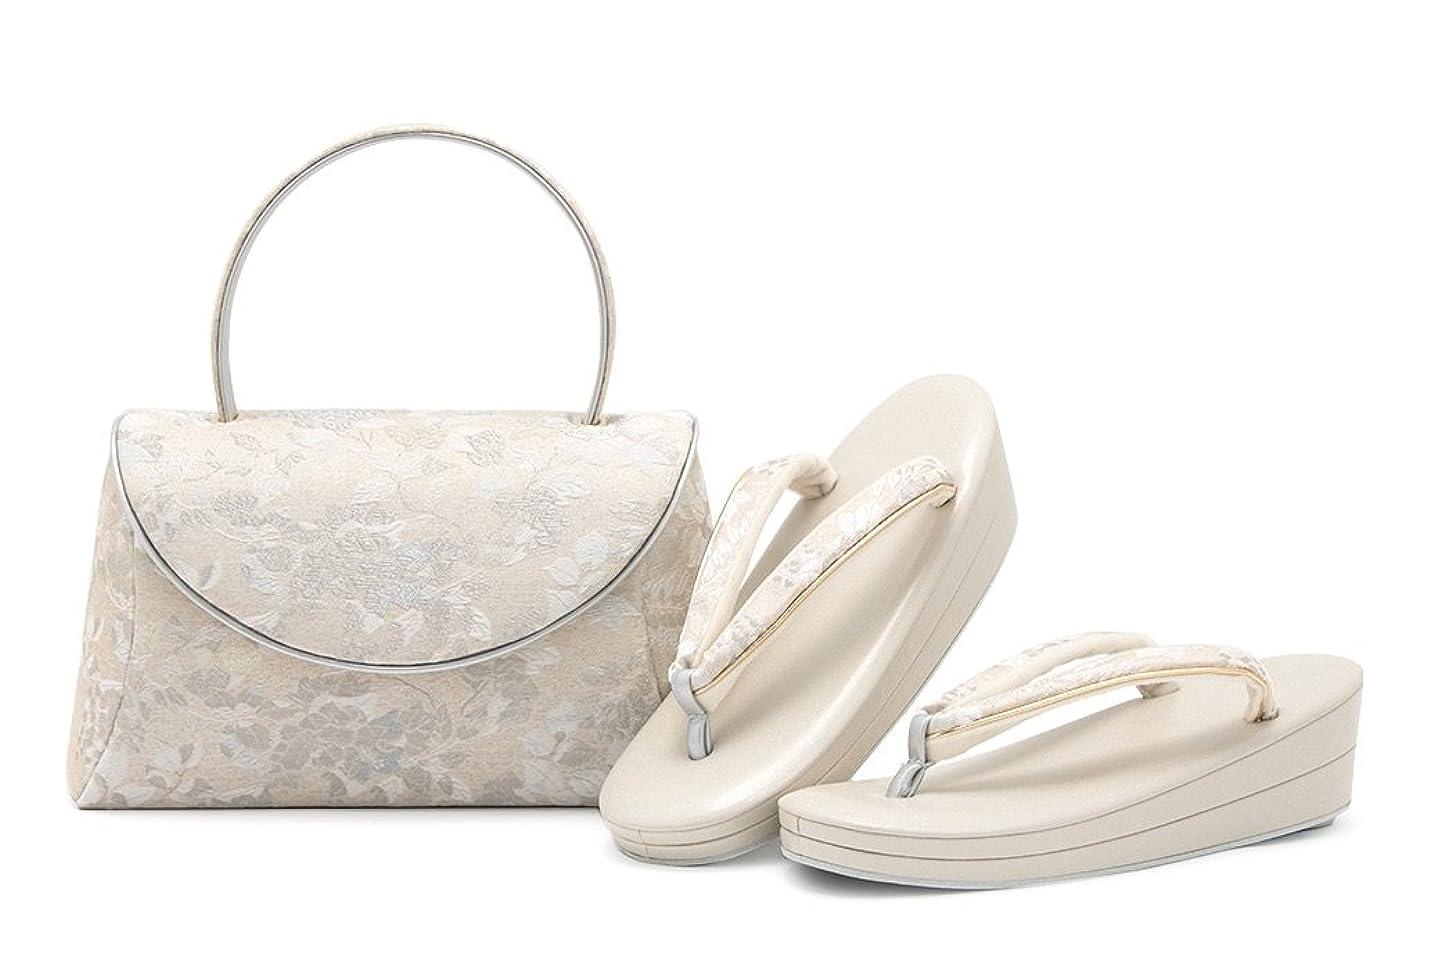 入手しますぼんやりした砂(ソウビエン) 草履バッグ セット 佐賀錦 シルバー ベージュ 二枚芯 礼装 フォーマル フリーサイズ